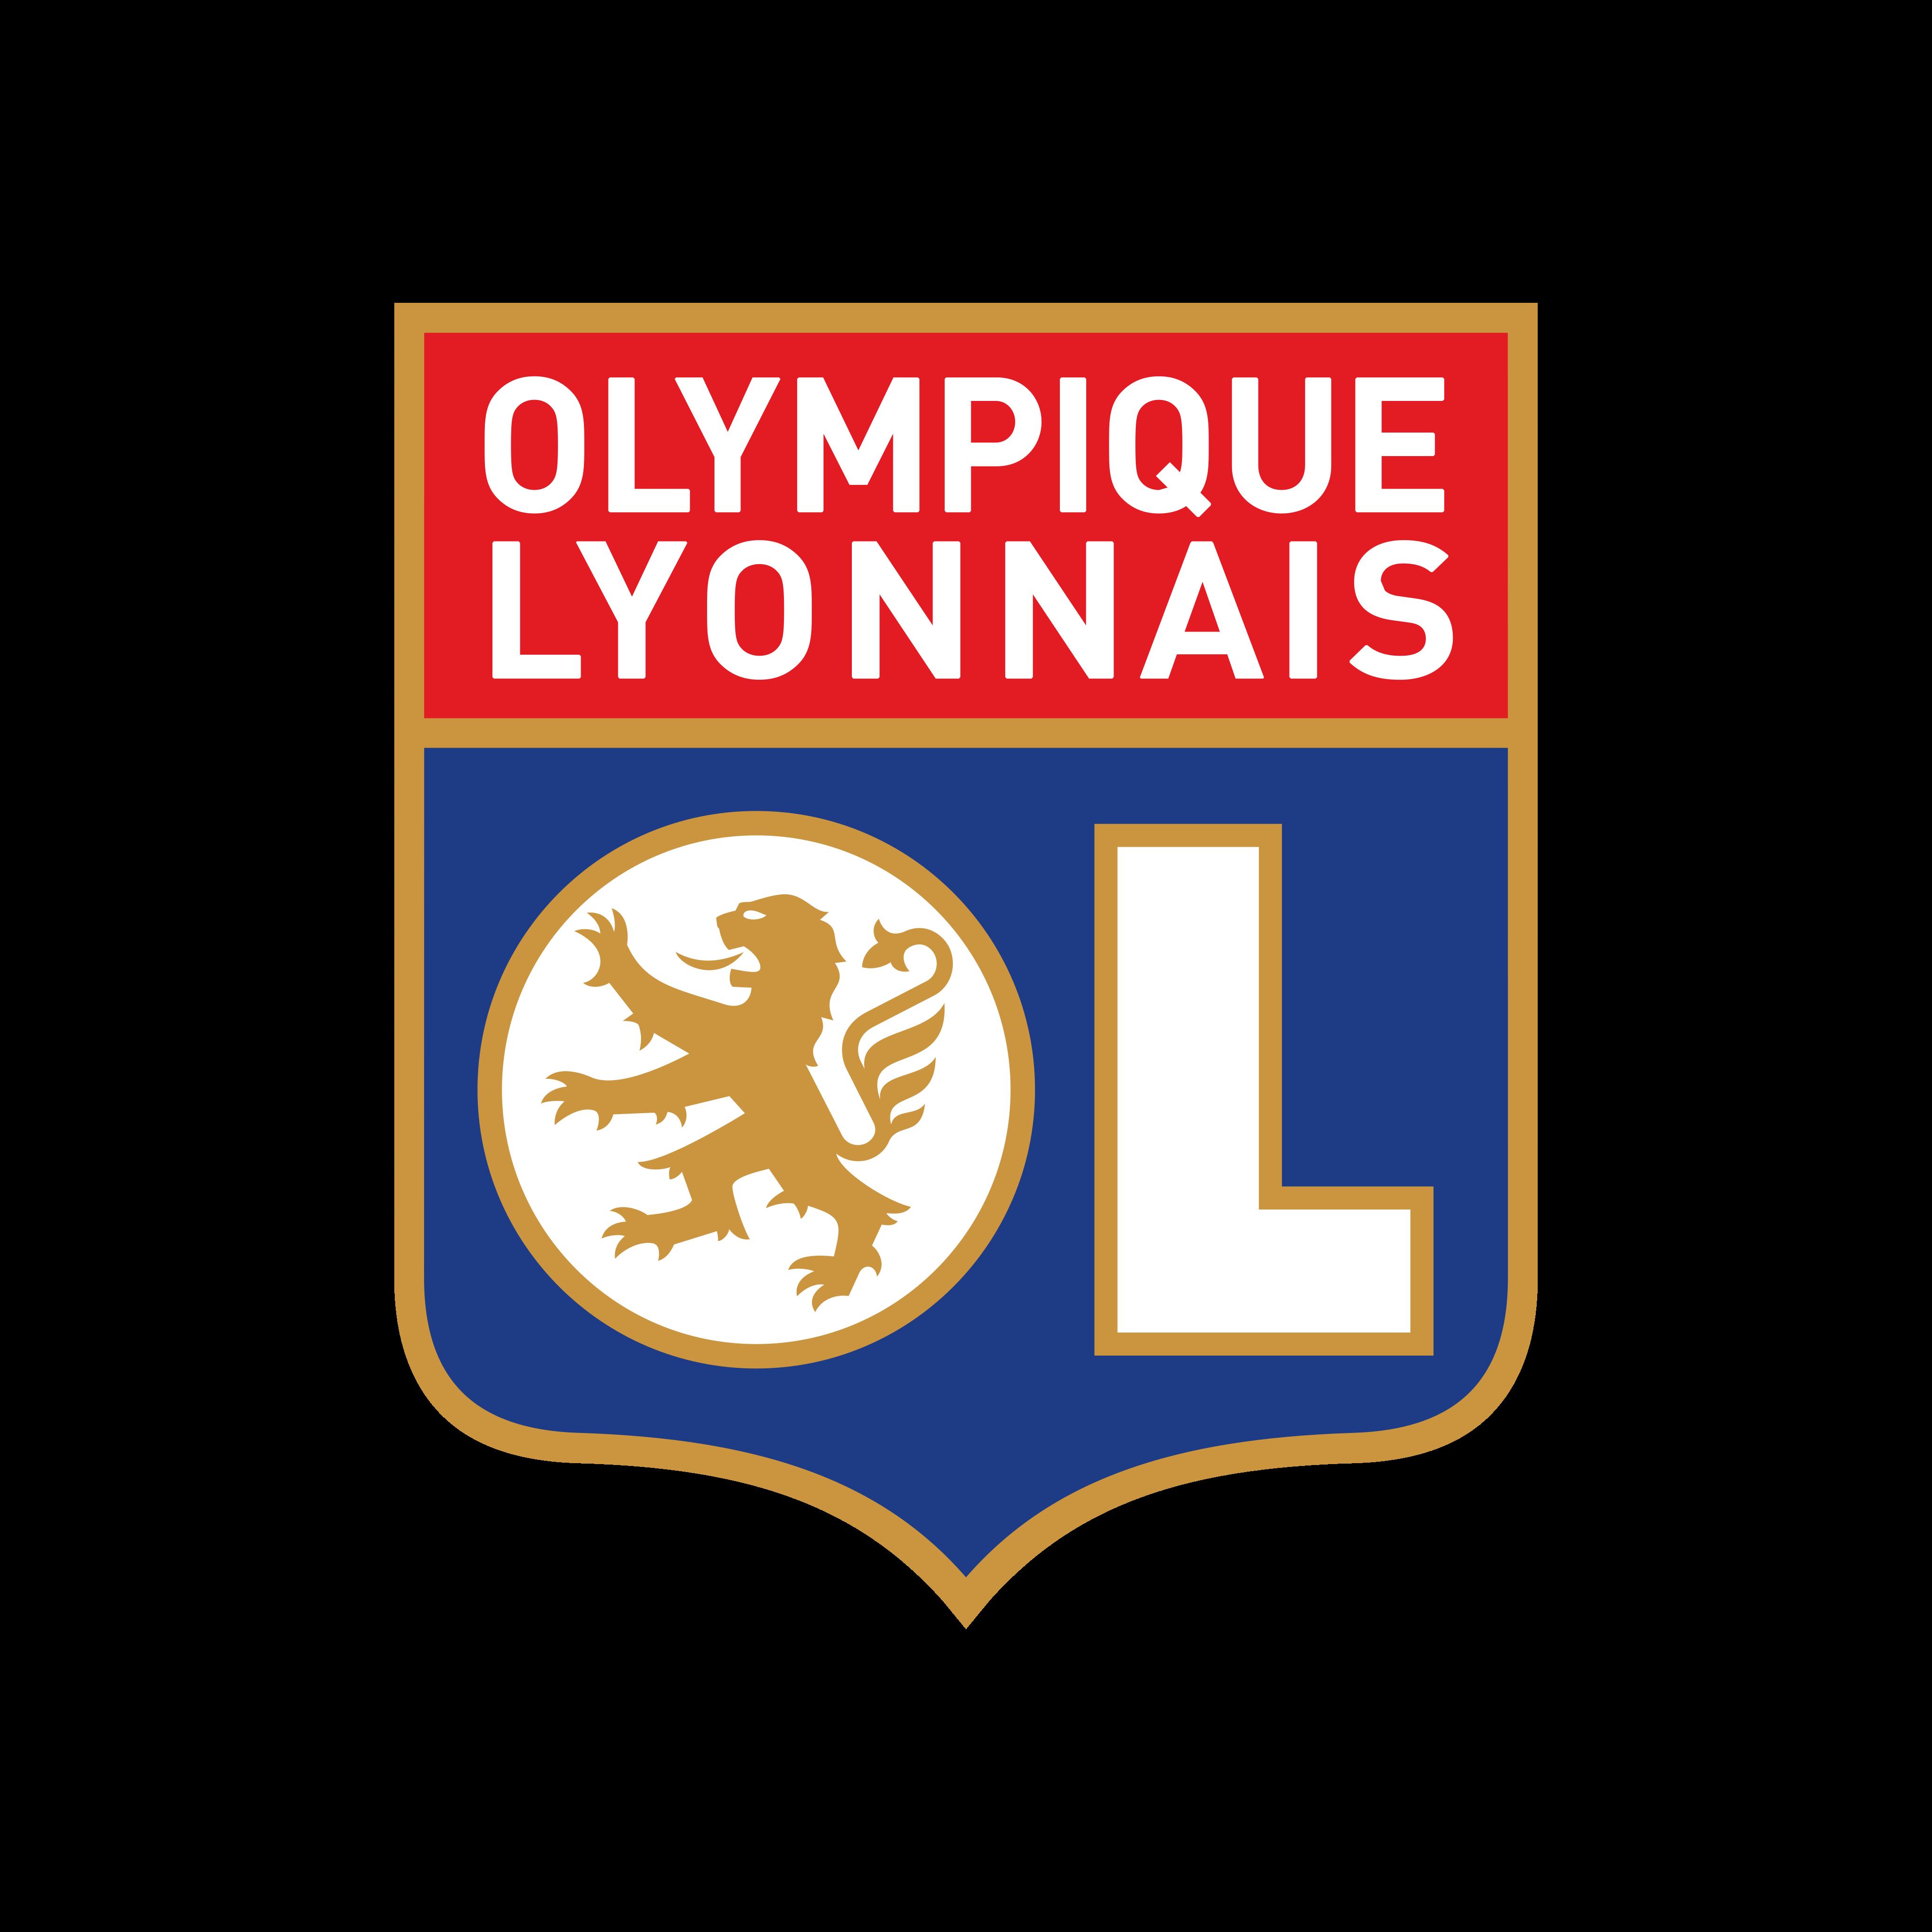 lyon logo 0 - Lyon Logo - Olympique Lyonnais Logo